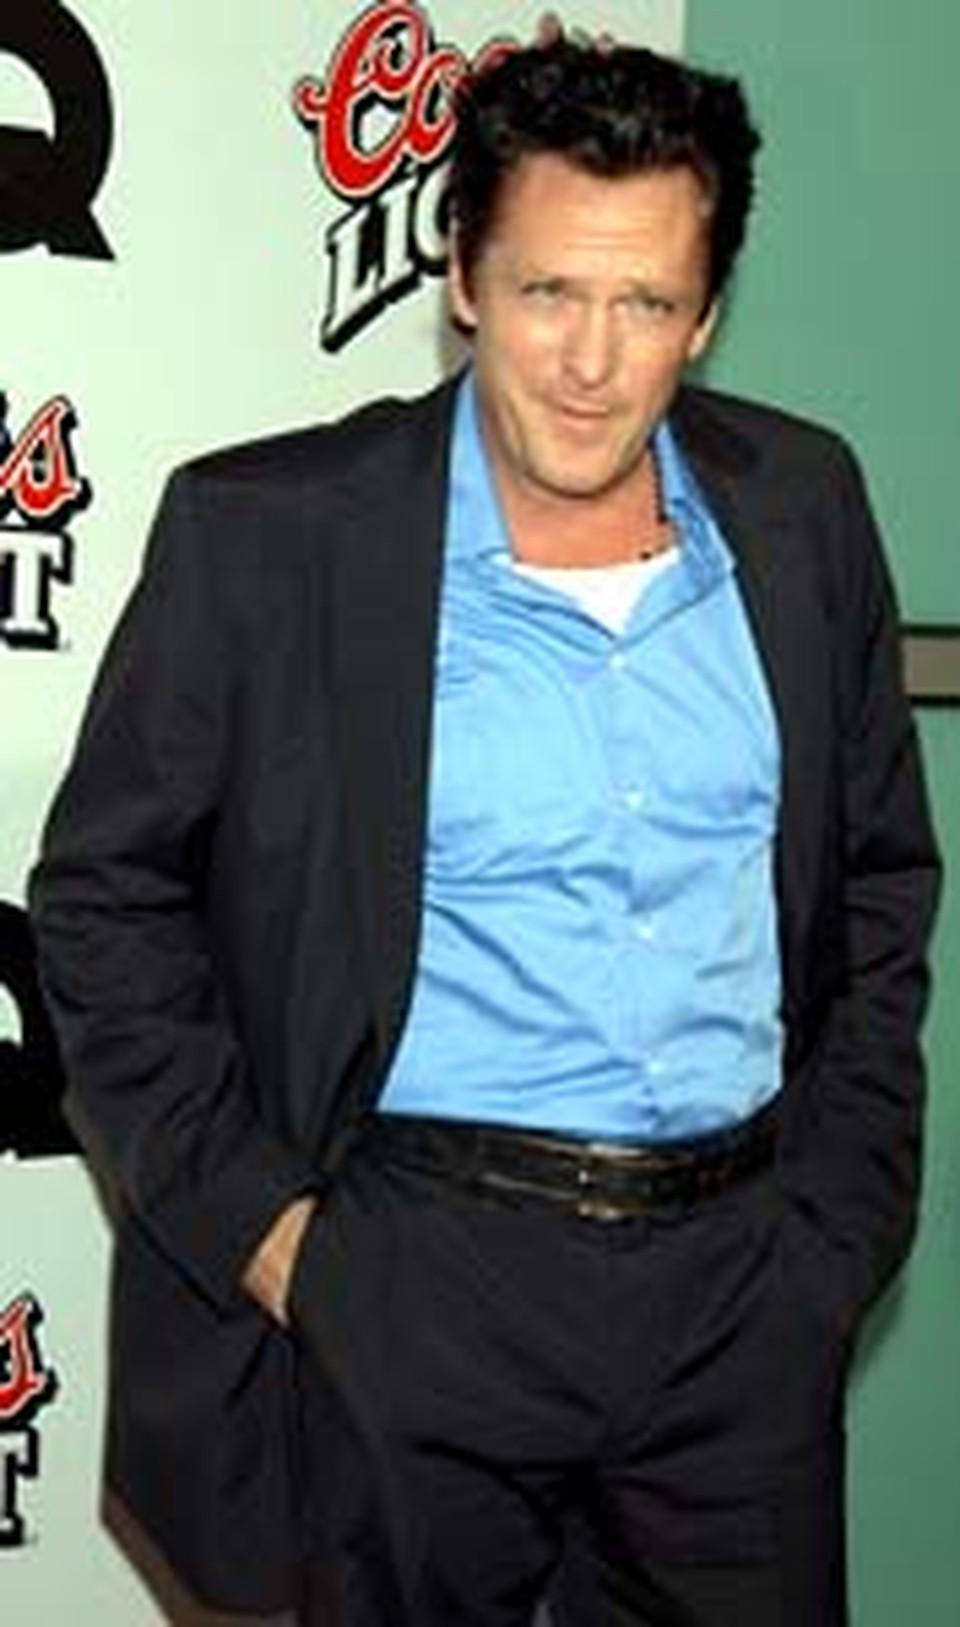 Тарантино уже предложил Мэдсену одну из главных ролей в своем следующем фильме - «Бесславные ублюдки».